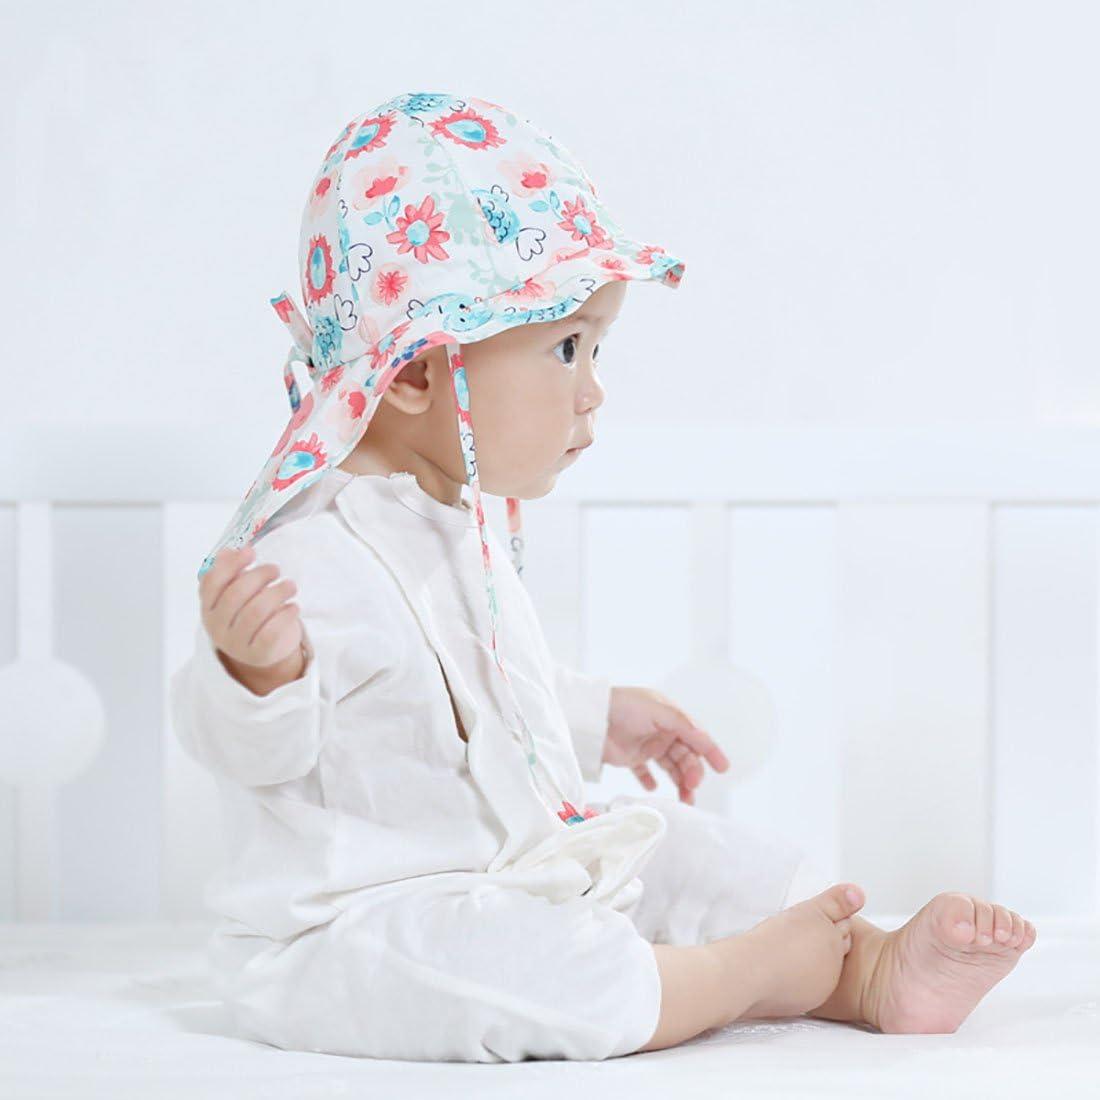 Boomly Baby Sonnenhut mit Nackenschutz Quick Drying Schirmm/ütze Outdoor Reise UV-Schutz Sommerm/ütze mit Kinnriemen